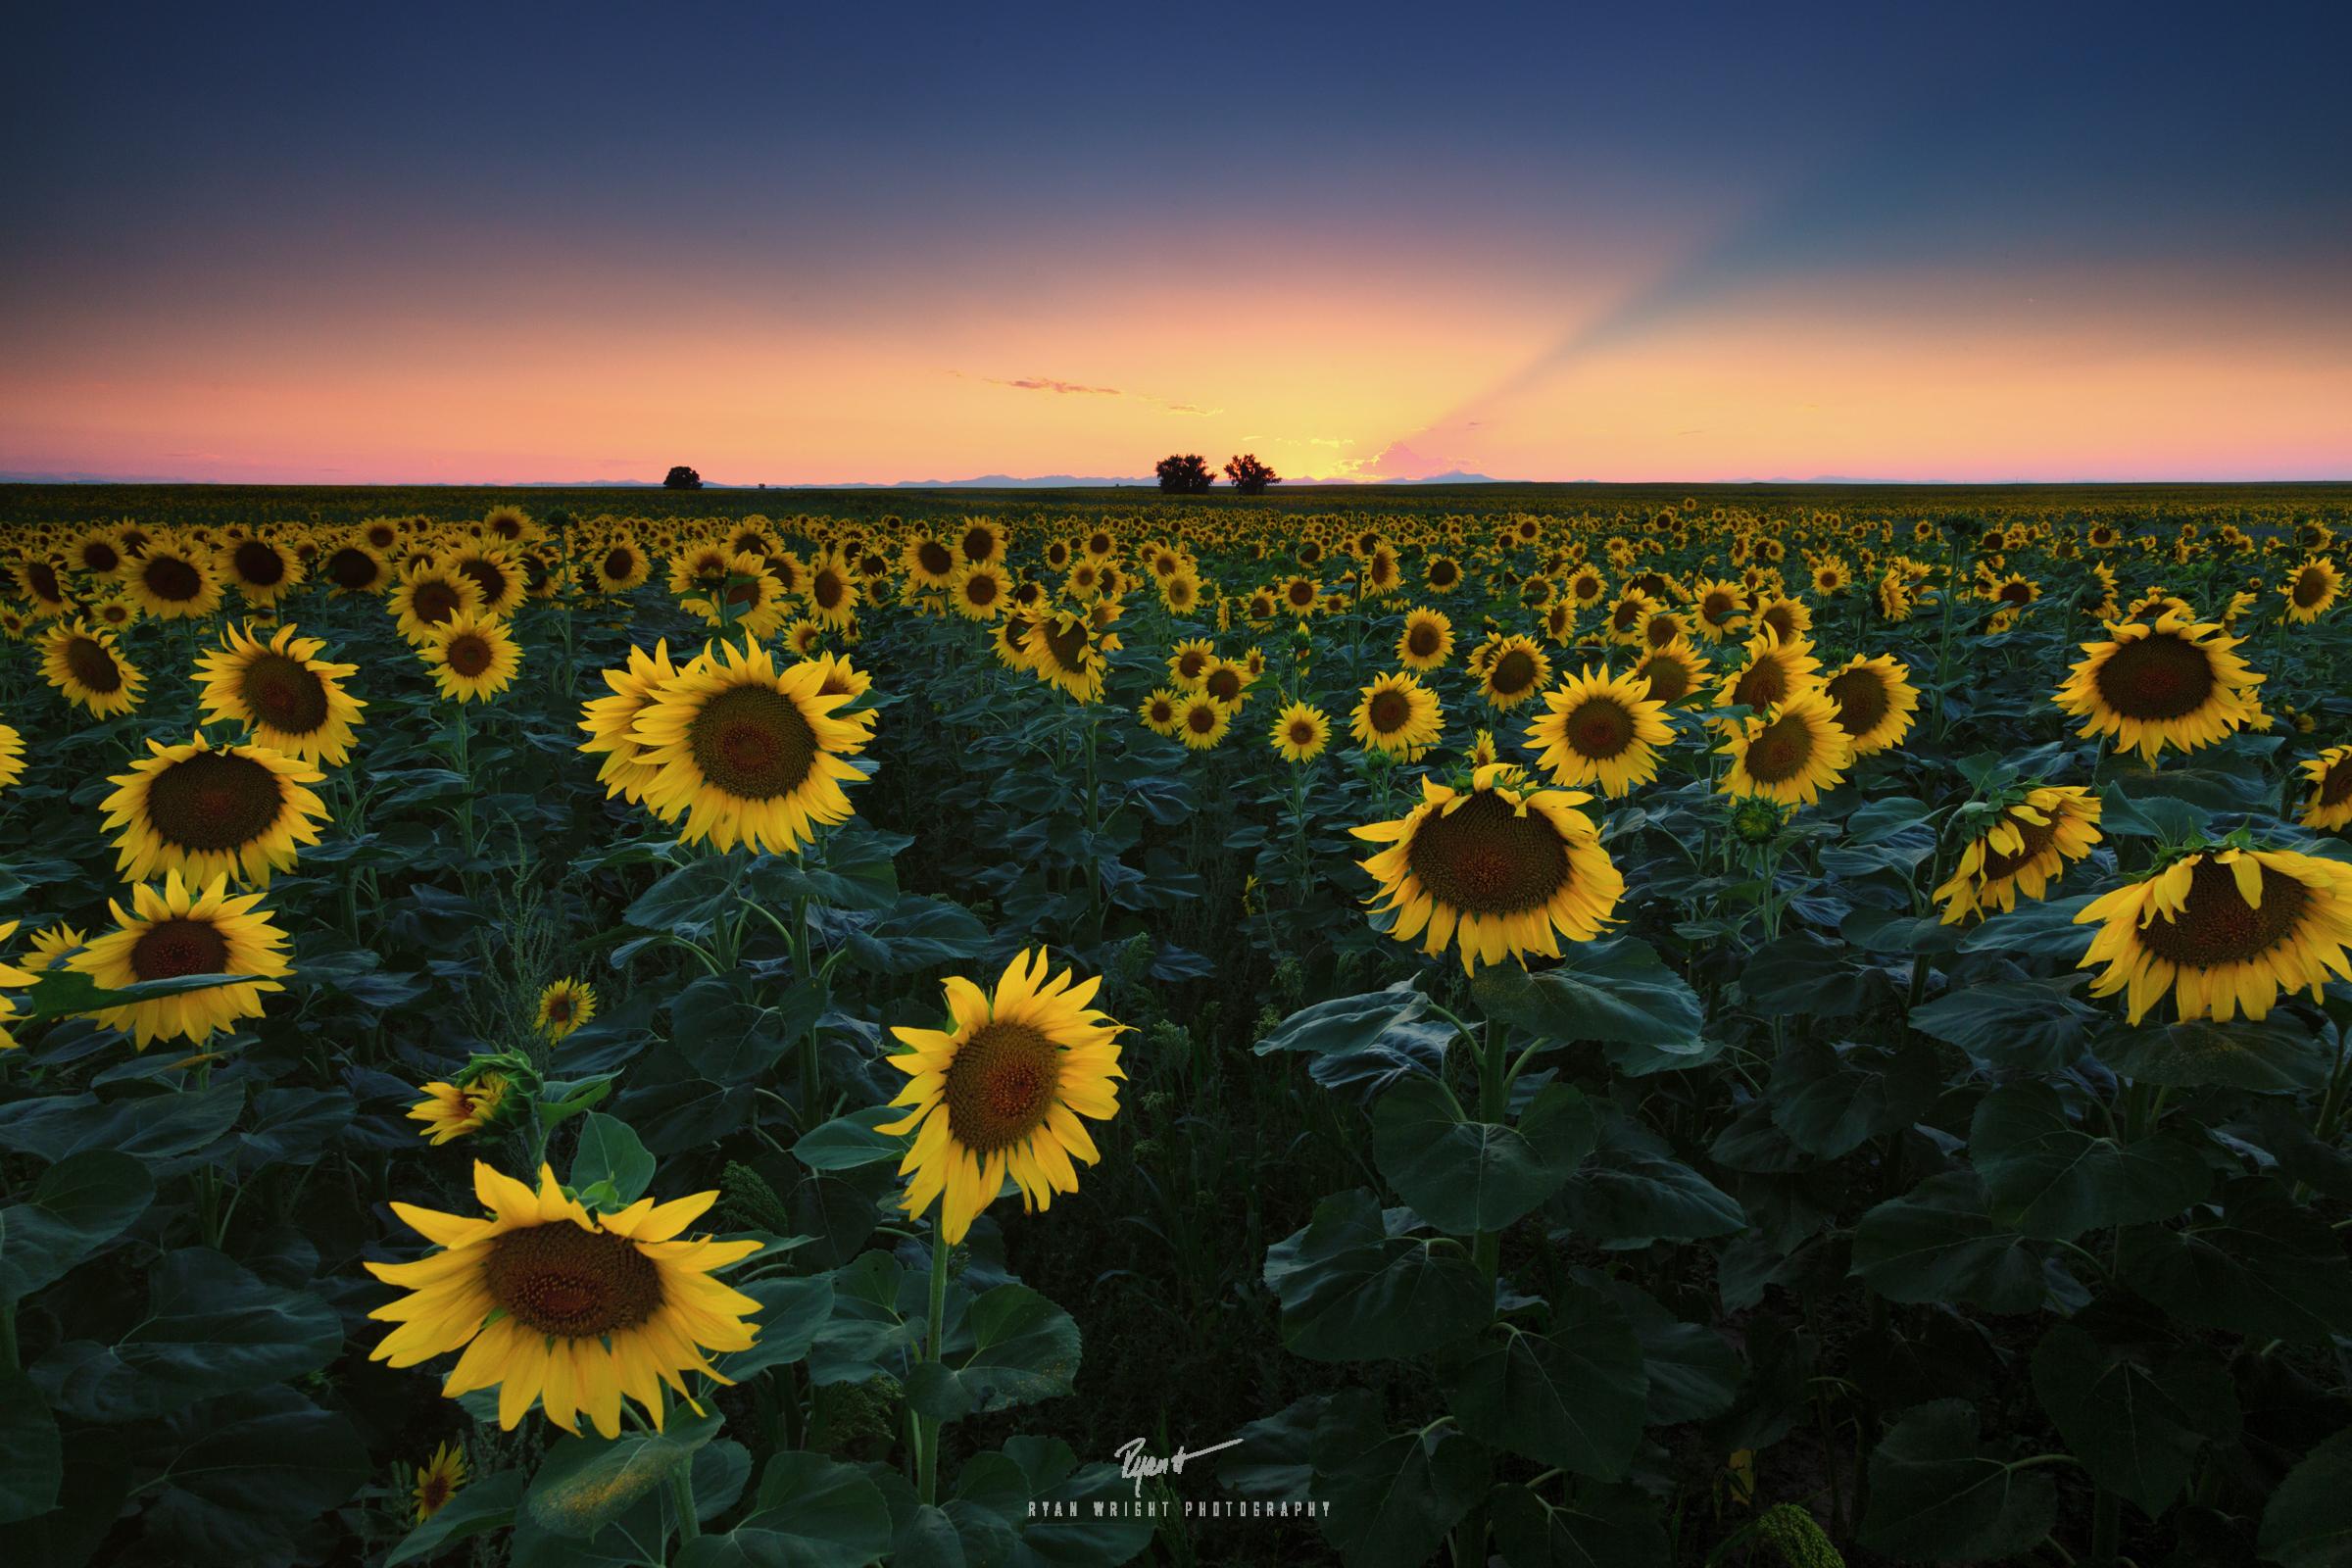 denver-international-sunflowers-sunset.jpg